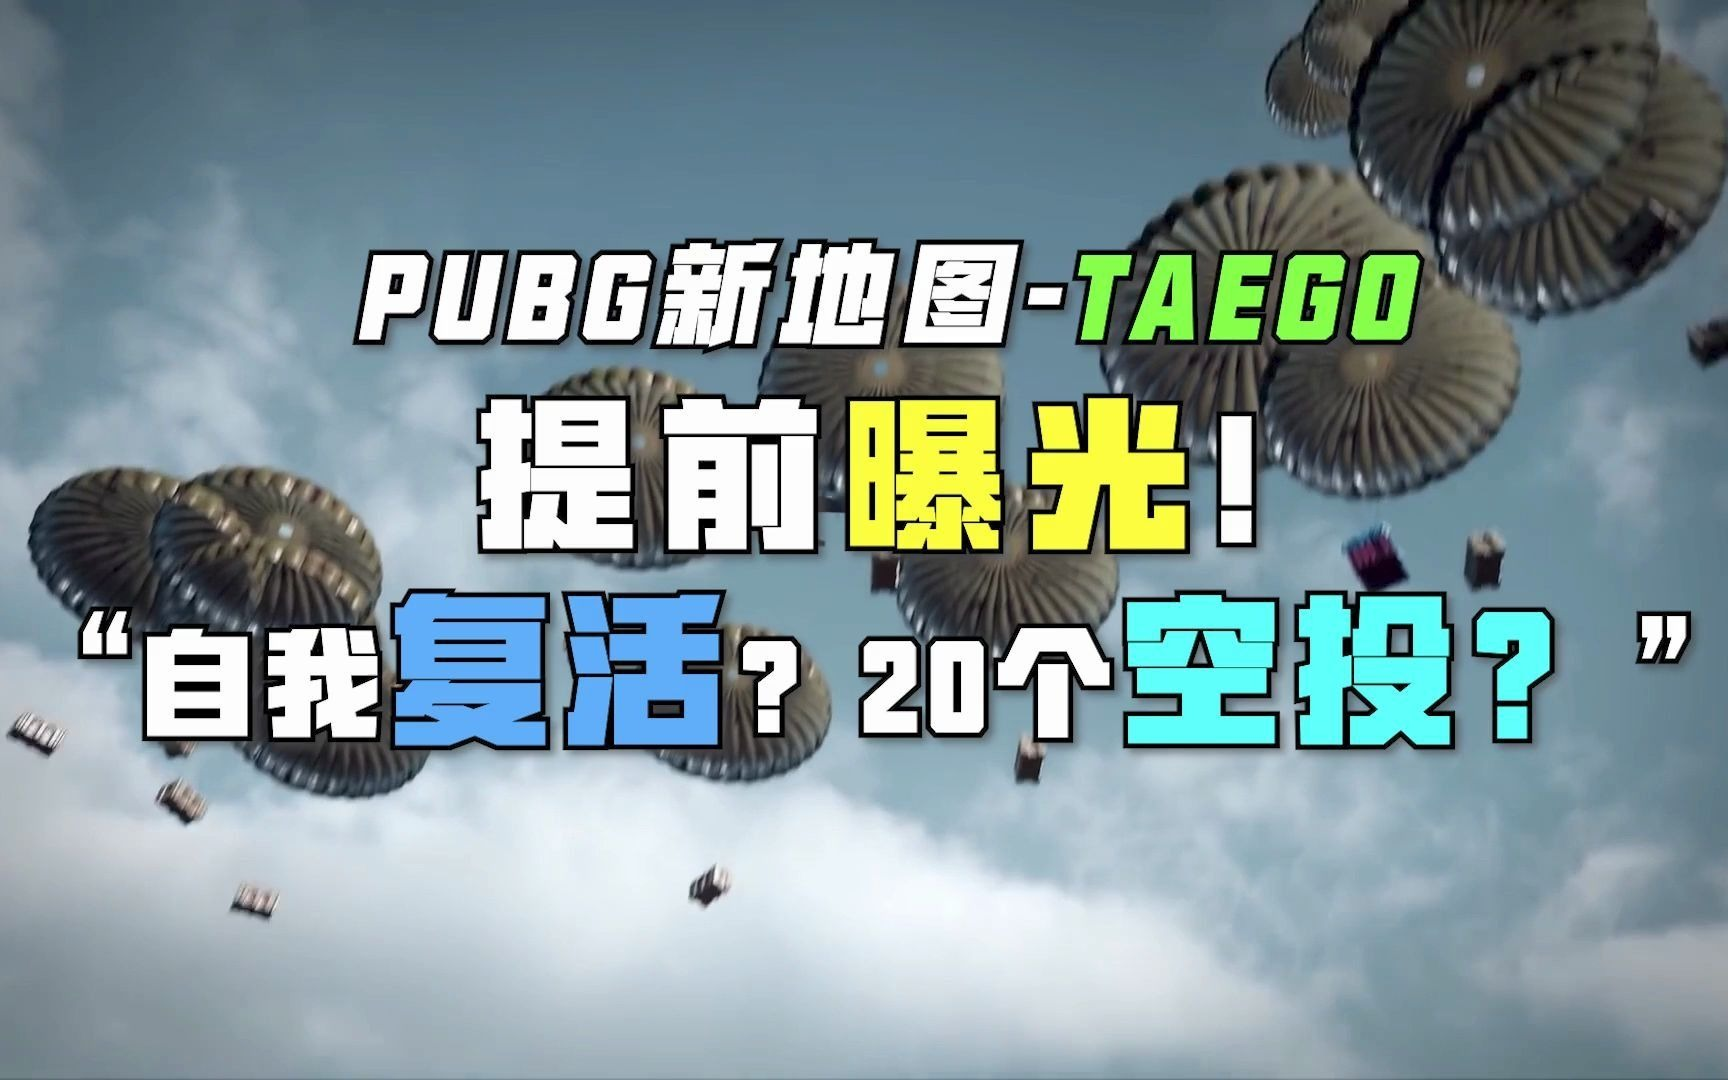 PUBG新地图TAEGO再次曝光大量彩蛋